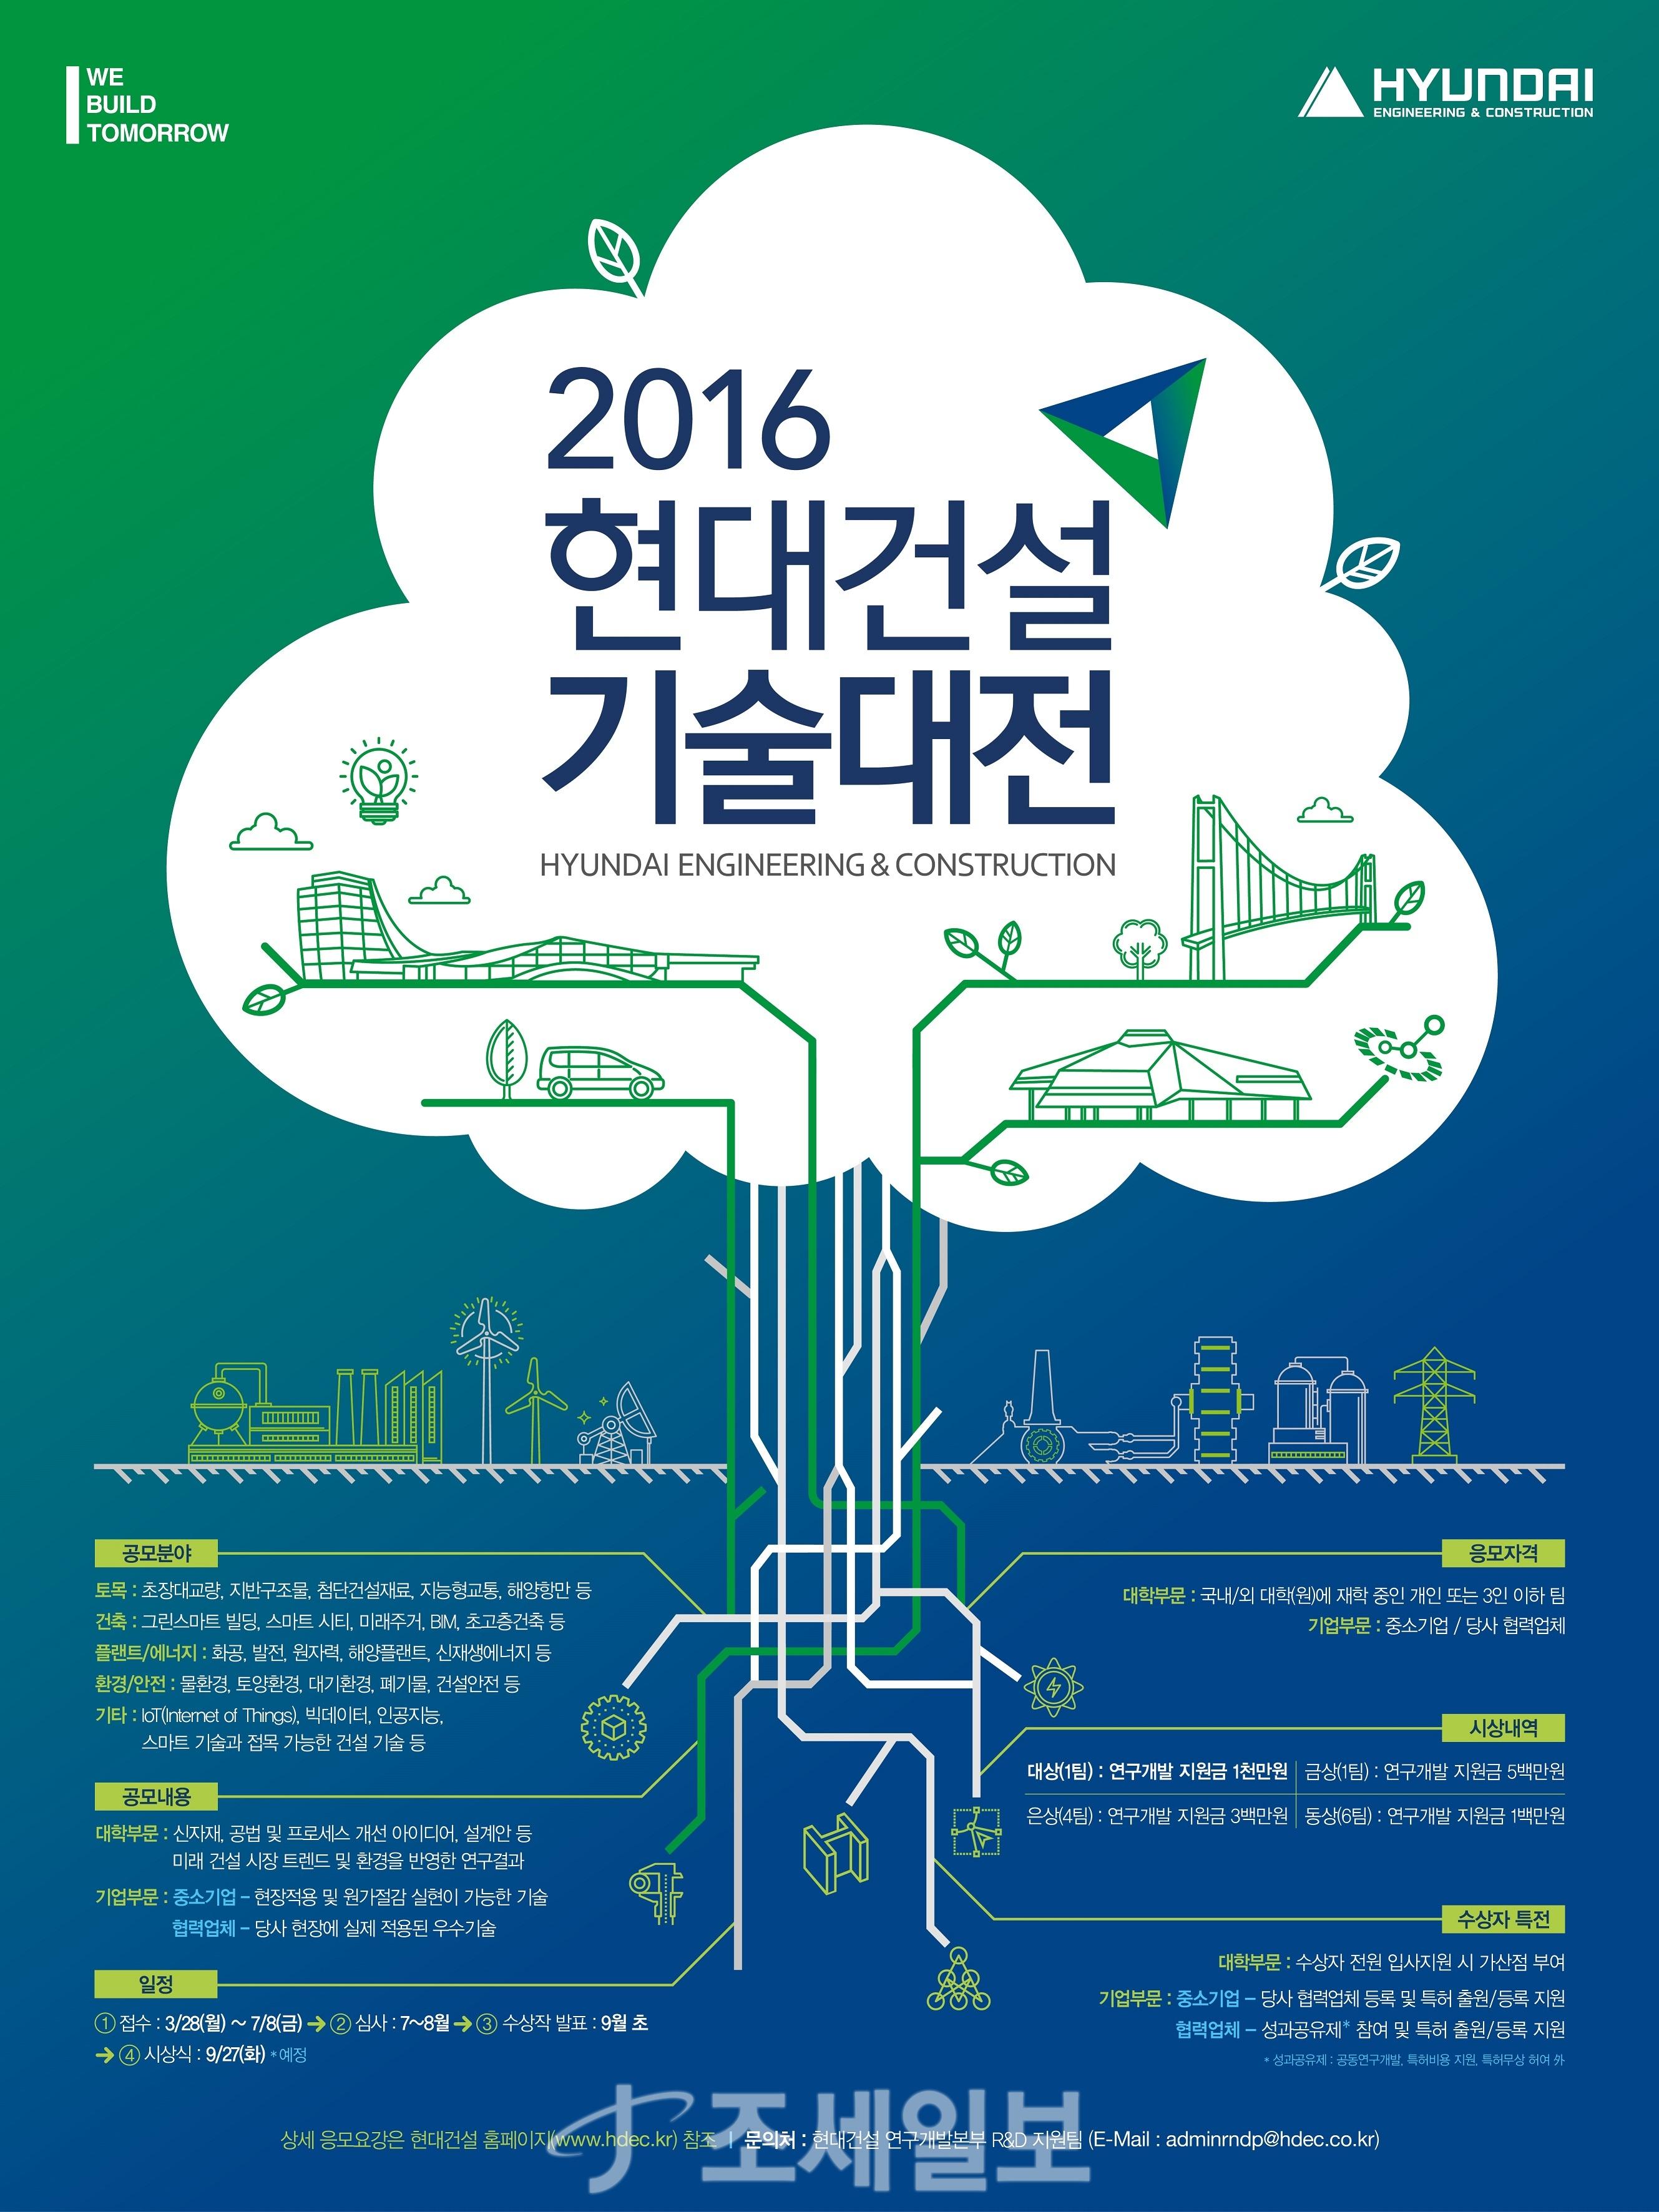 현대건설, 건설 신기술 모집 '2016 기술대전' :: 1등 조세회계전문 ...